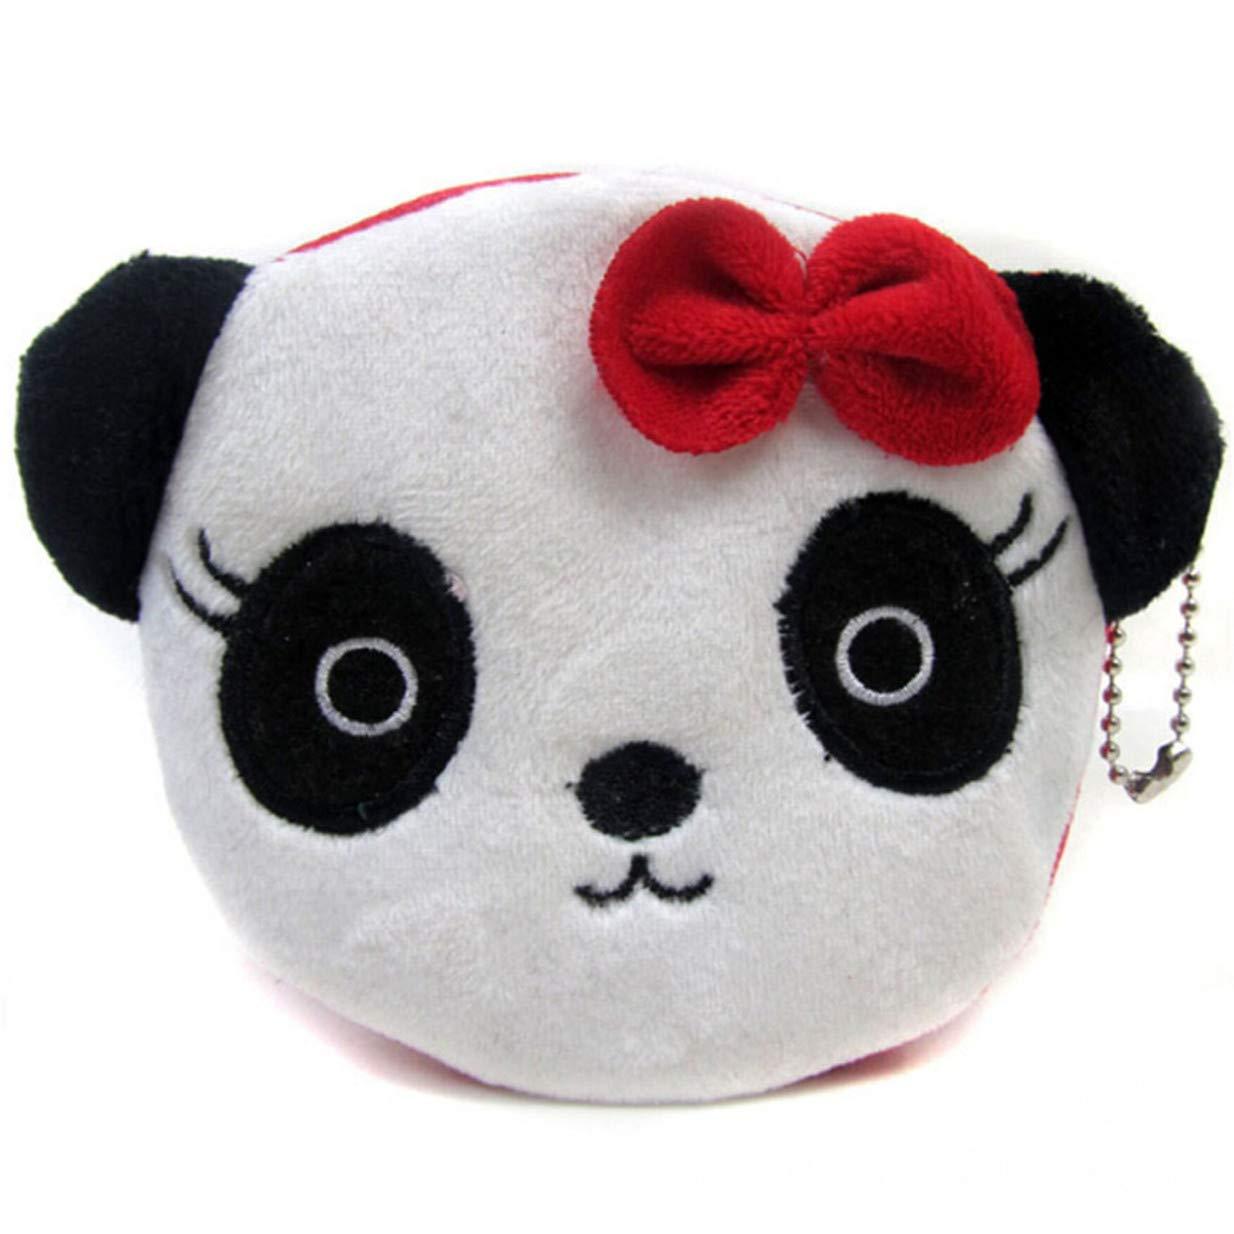 Amazon.com: EJY Cartoon Panda - Monedero de peluche con ...